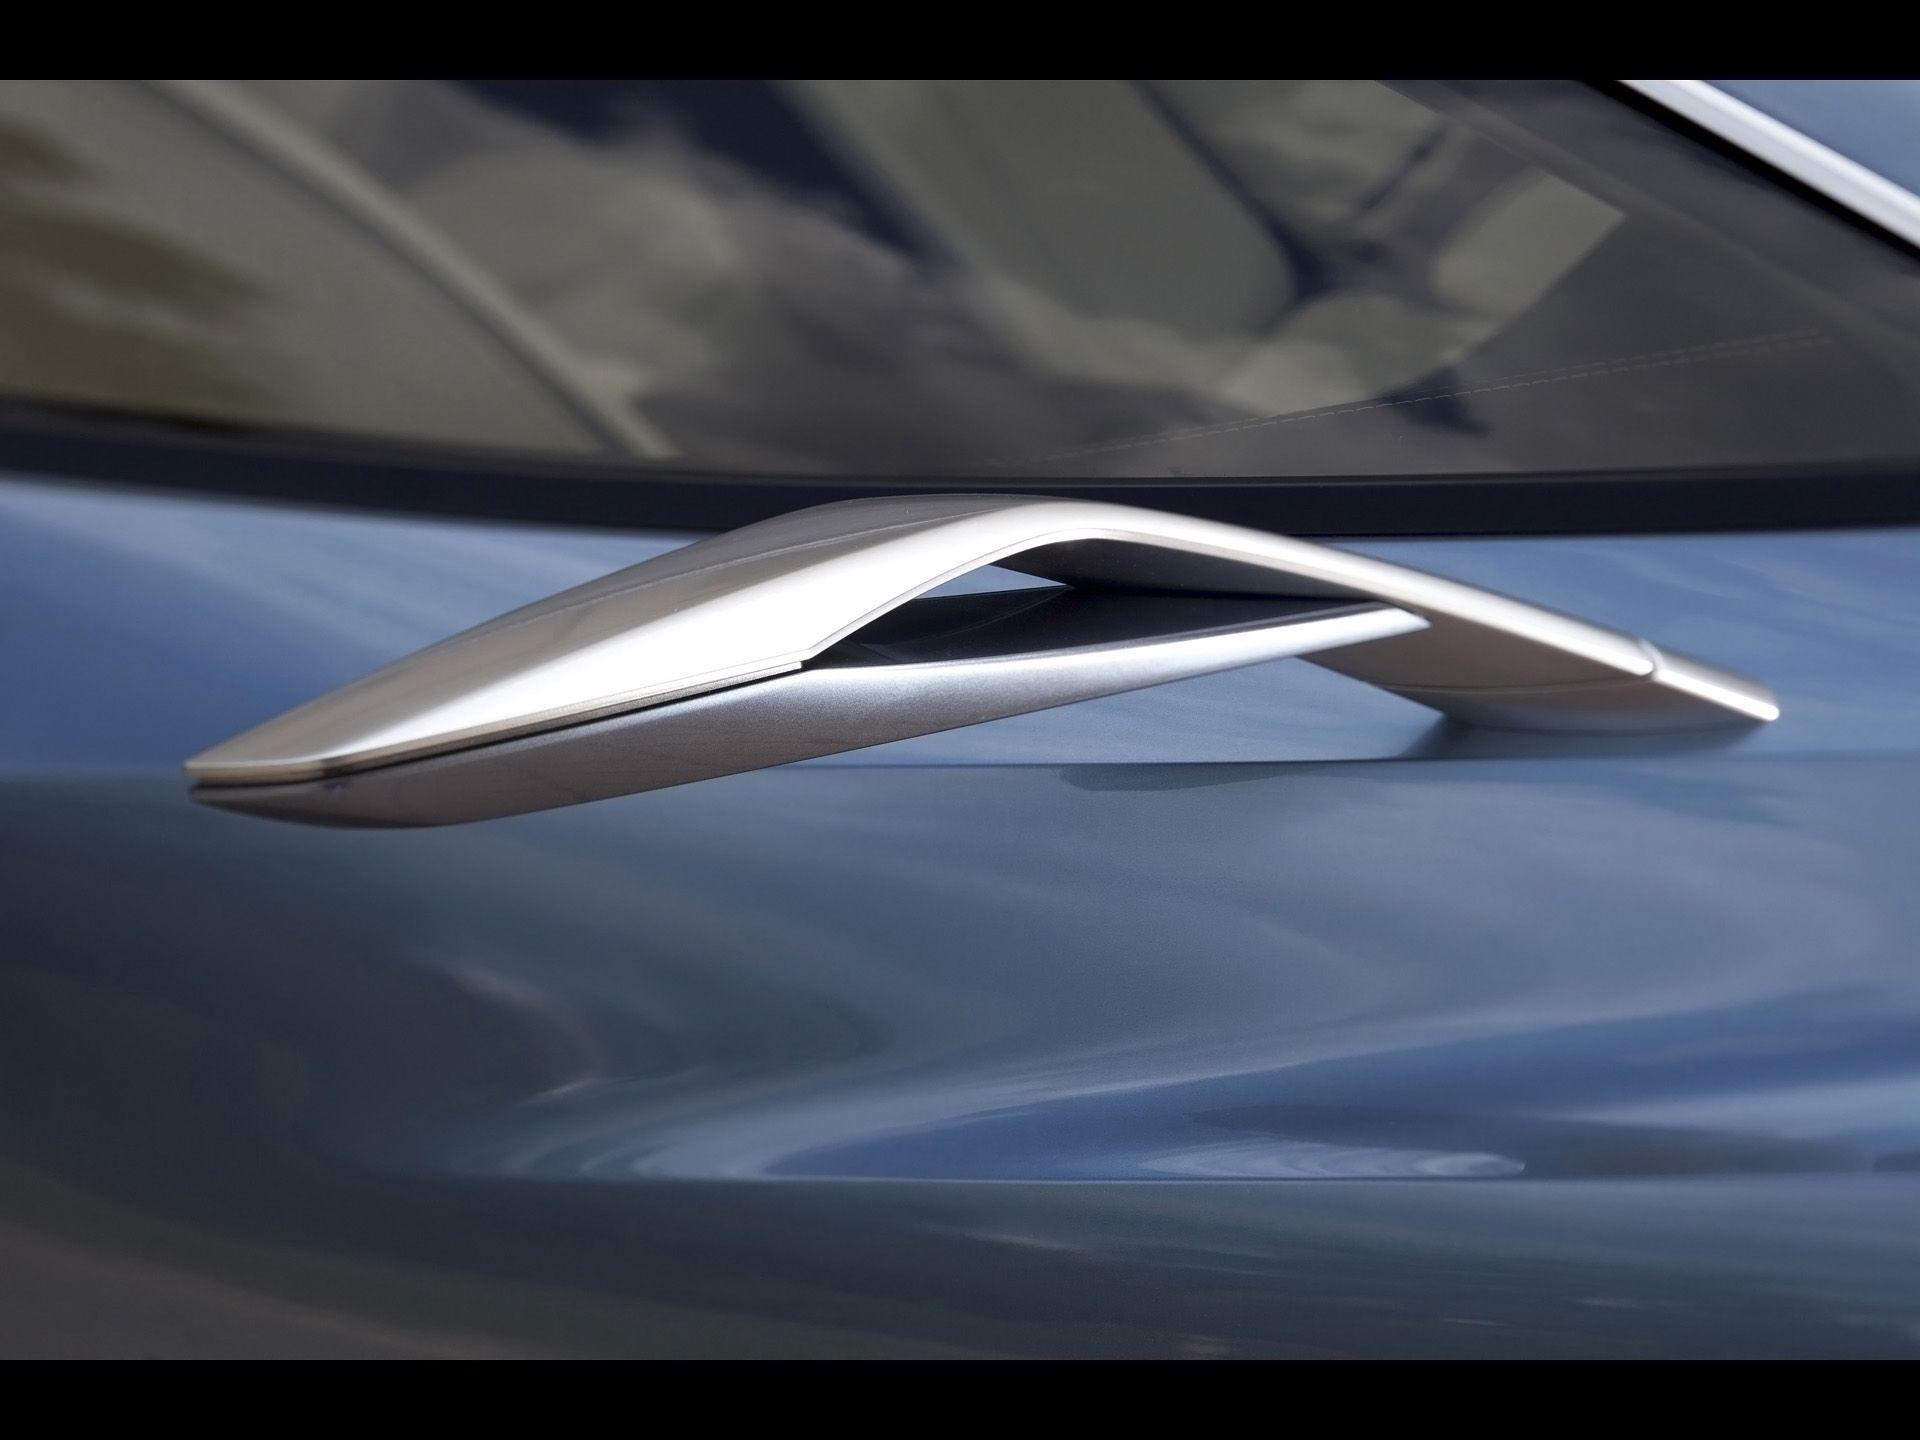 2010 Mazda Shinari Concept - Side View Mirror - 1920x1440 ...